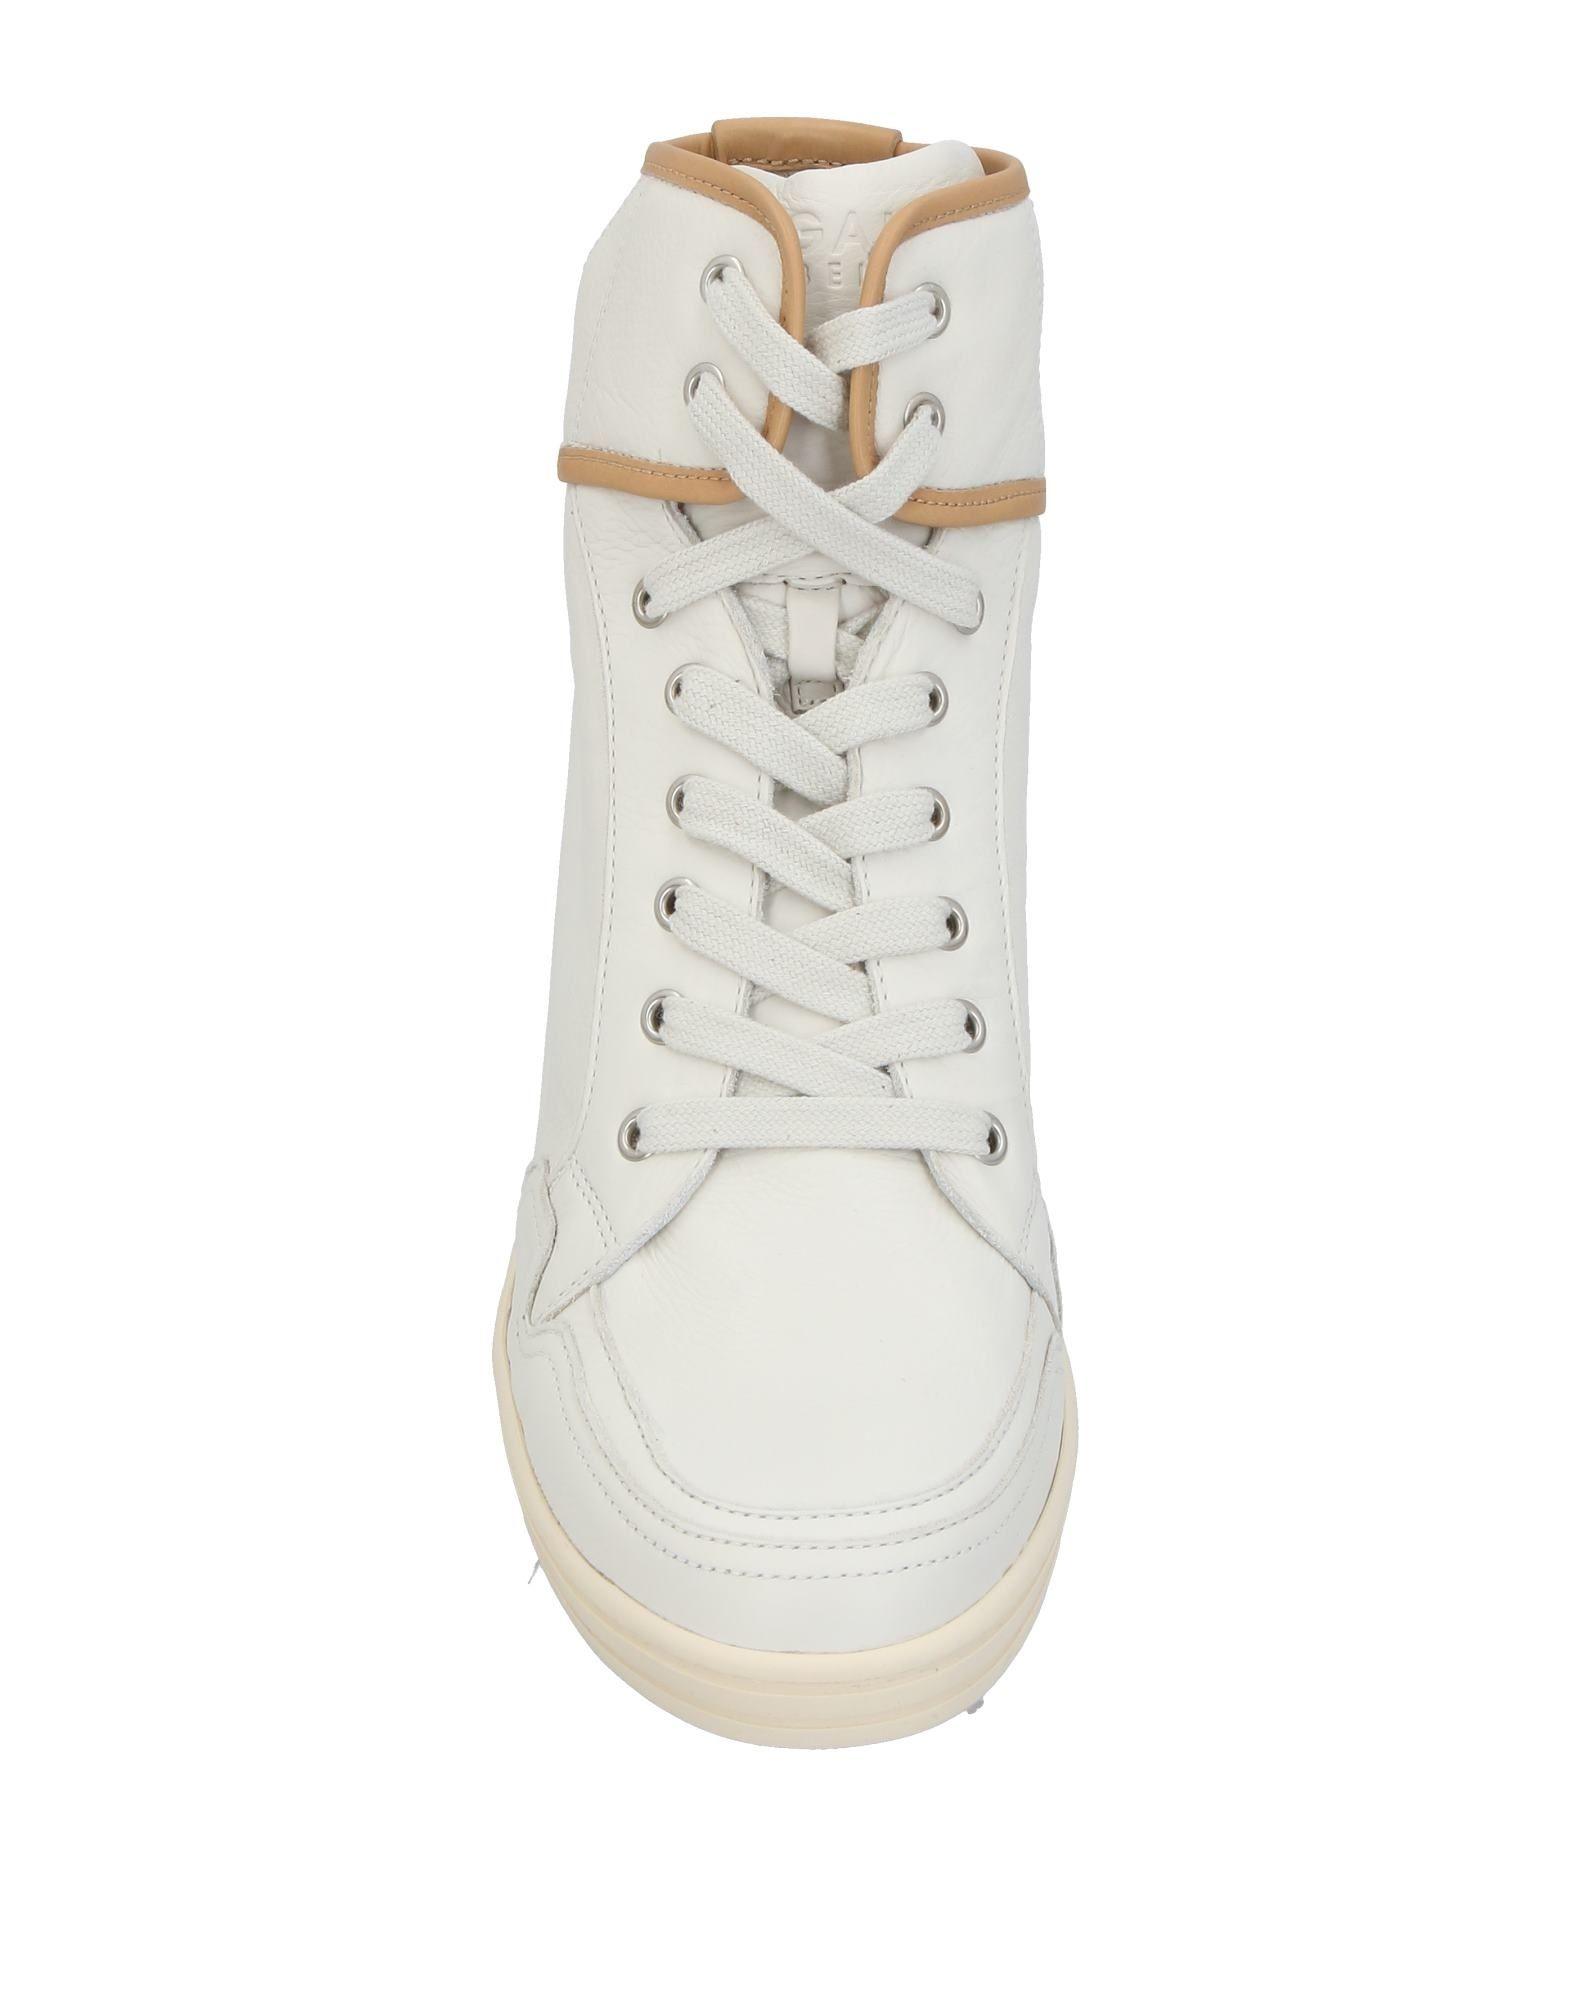 Stilvolle billige Schuhe Hogan Hogan Hogan Rebel Sneakers Damen  11397395AW 5d8a0b